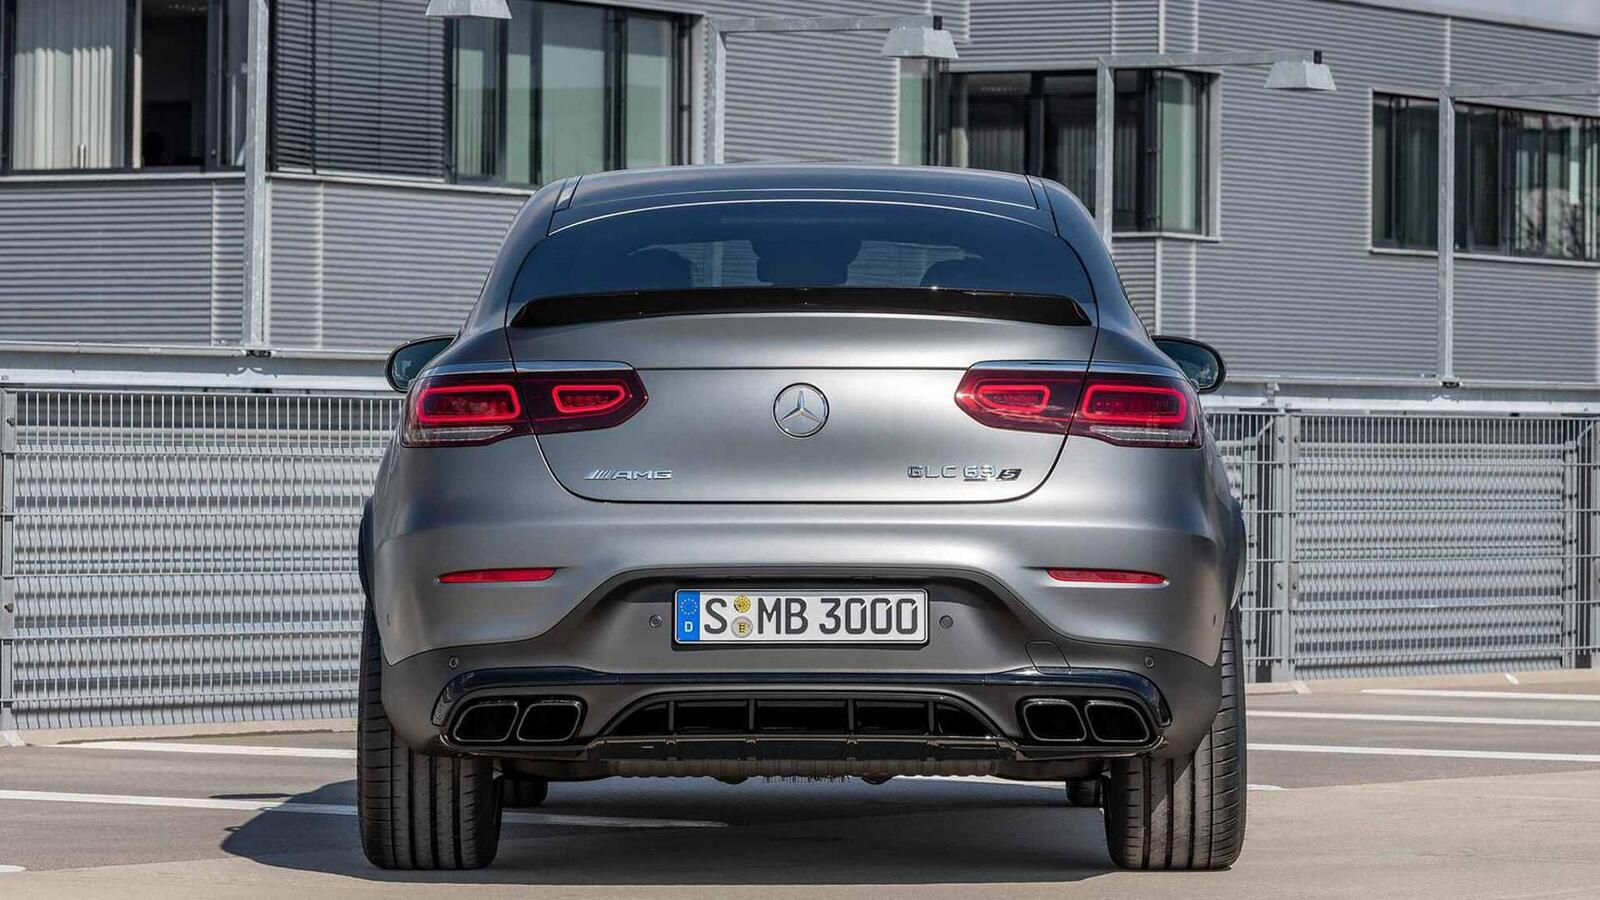 Mercedes-AMG giới thiệu GLC và GLC Coupe 63 mới lắp động cơ V8 4.0L Biturbo mạnh hơn 460 mã lực - Hình 27